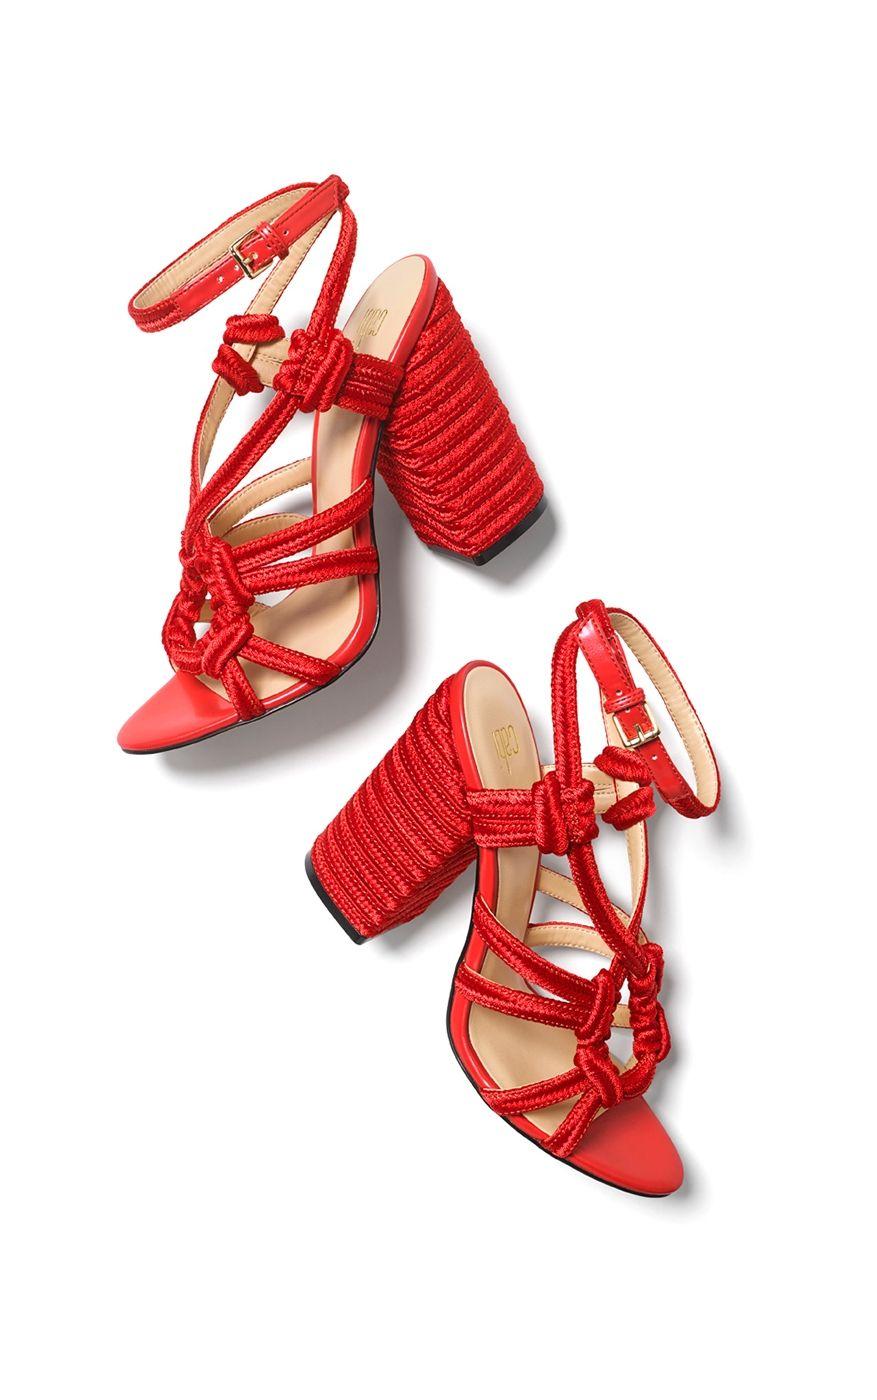 Missguided Macrame Rope Block Heel Sandal Block Heels Sandal High Heels Shopping Heels